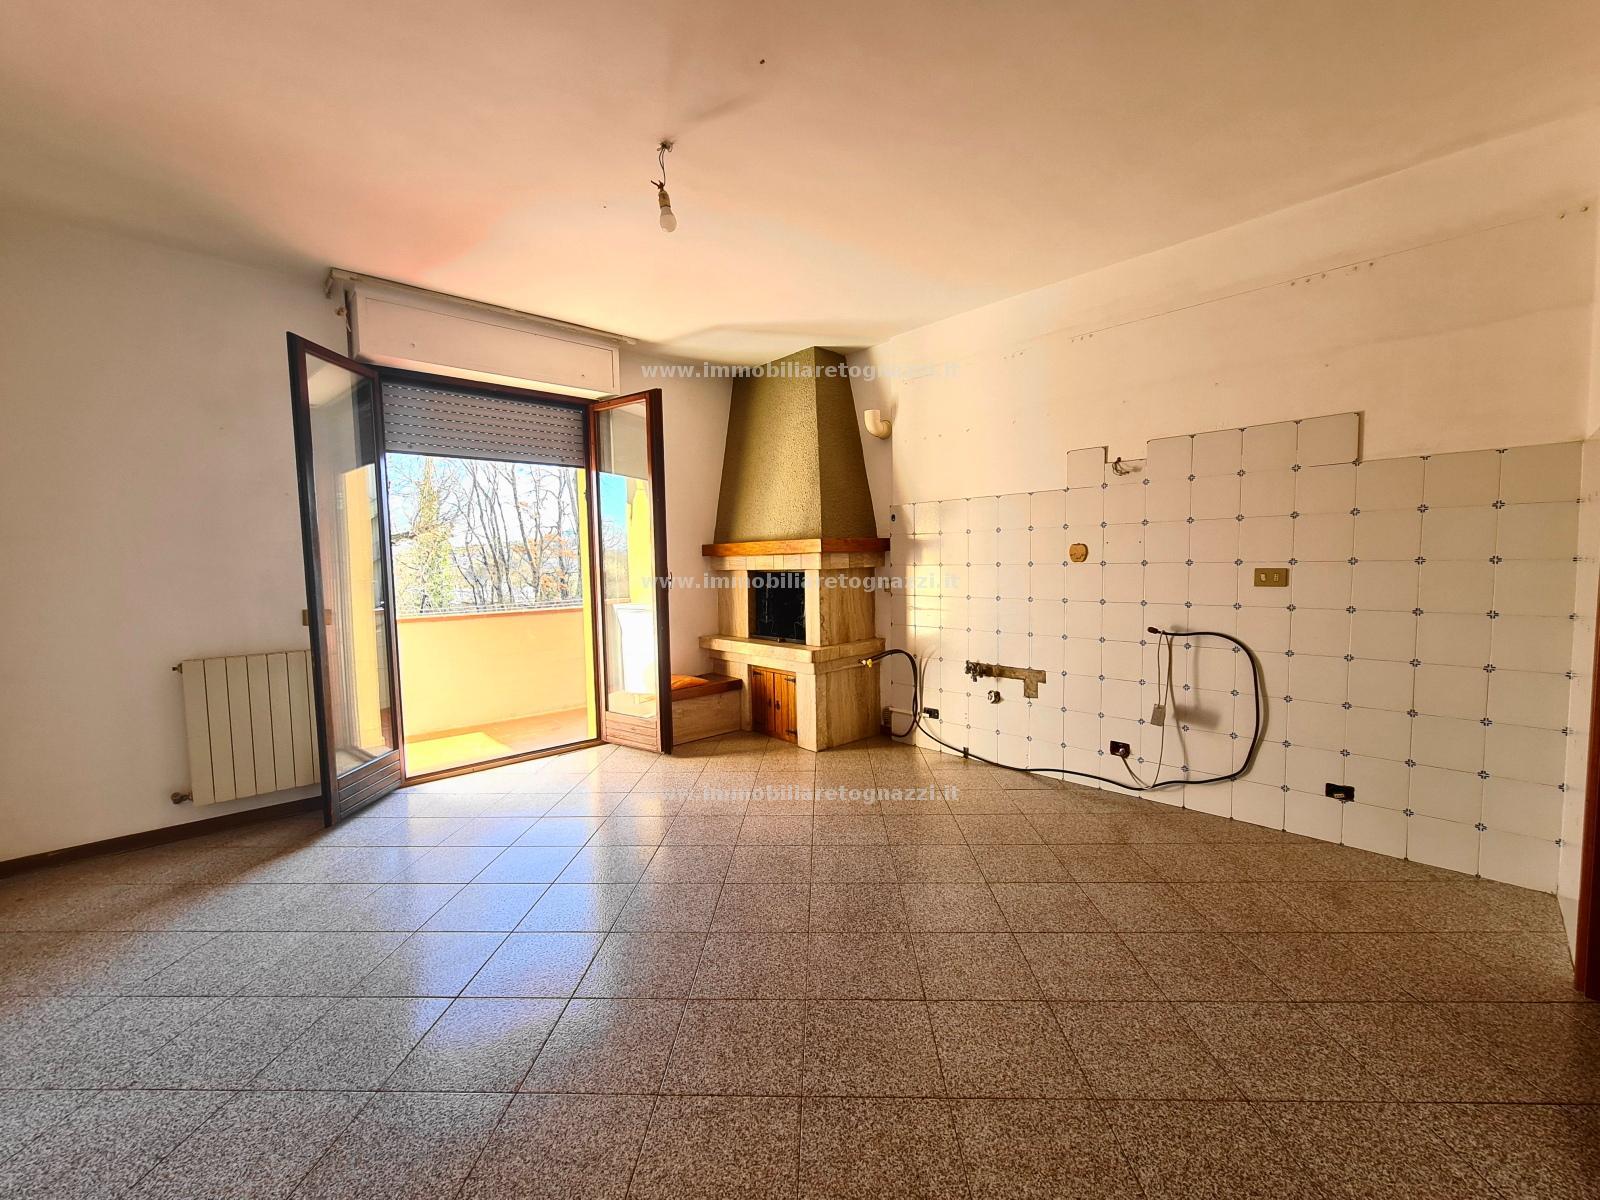 Appartamento in vendita a Gambassi Terme, 5 locali, prezzo € 225.000   PortaleAgenzieImmobiliari.it